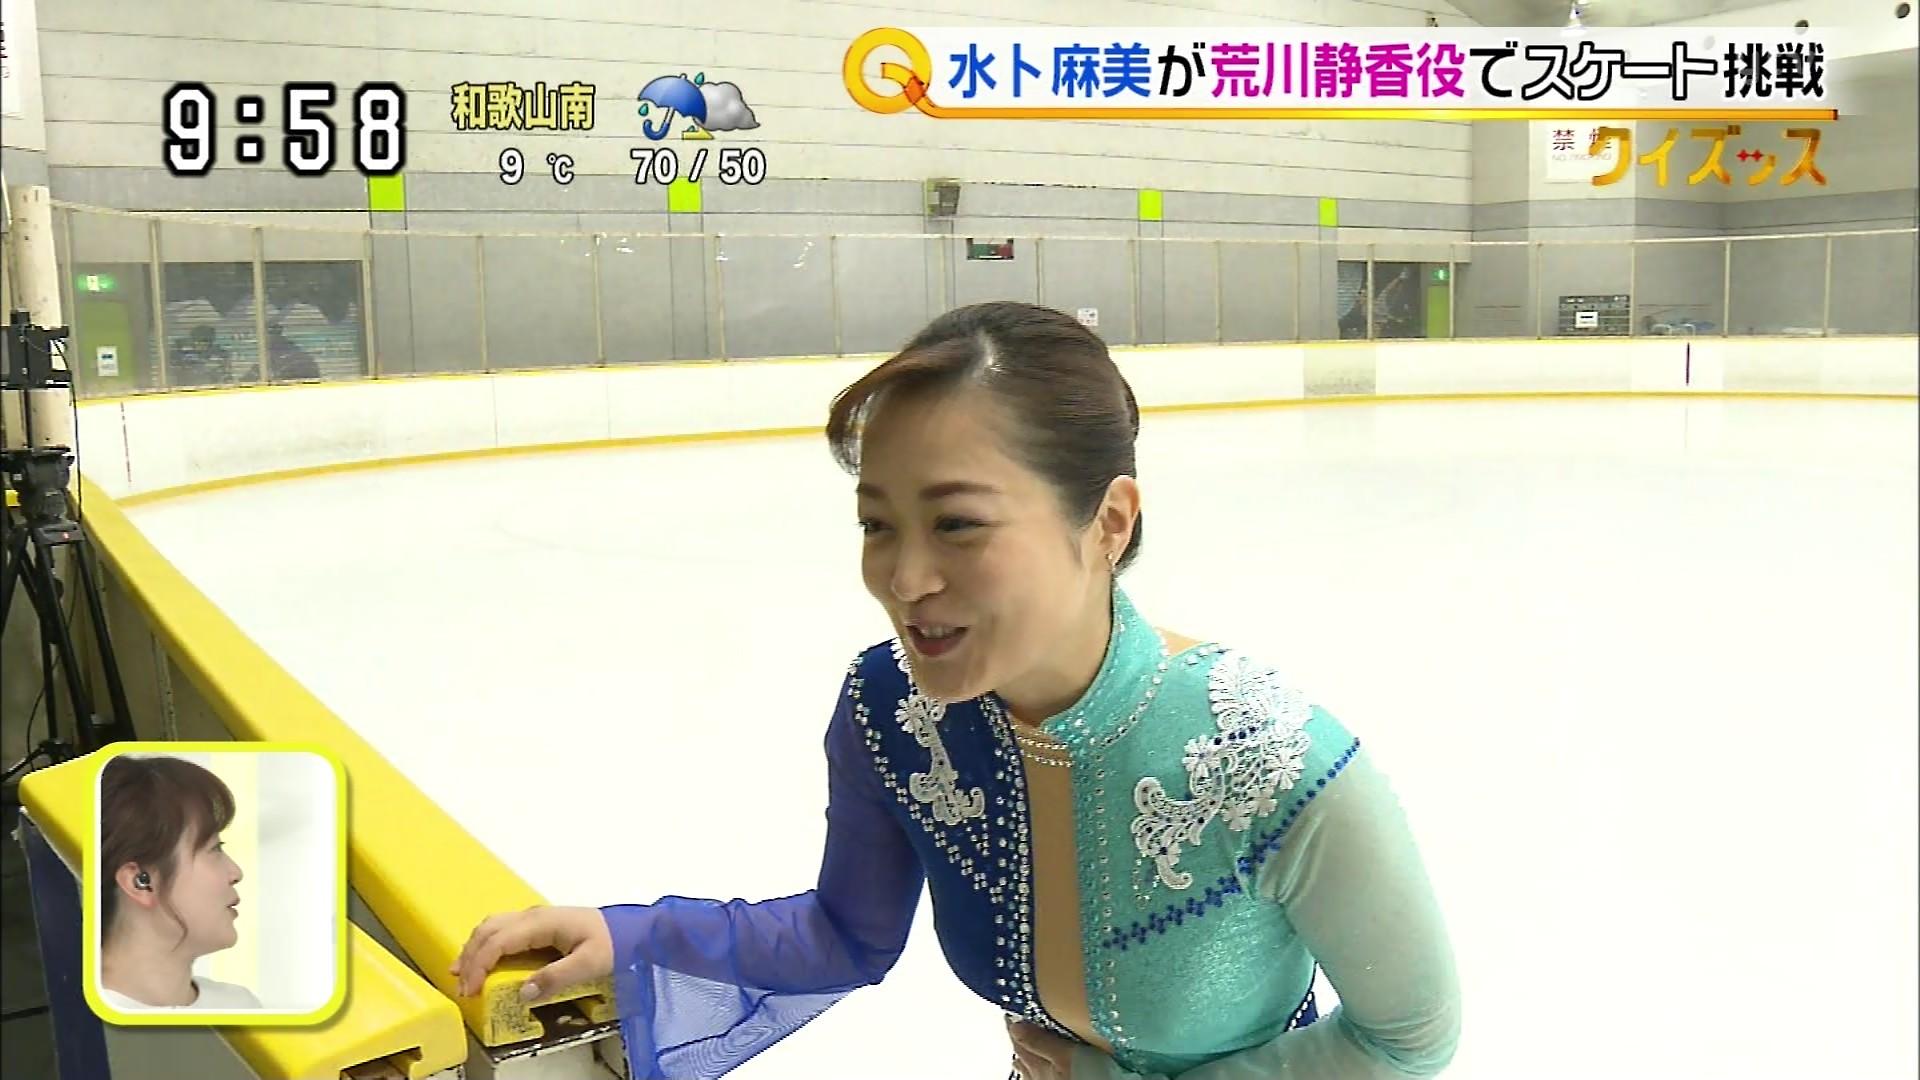 2019年2月11日・日本テレビ「スッキリ」水卜麻美さんのテレビキャプチャー画像-028